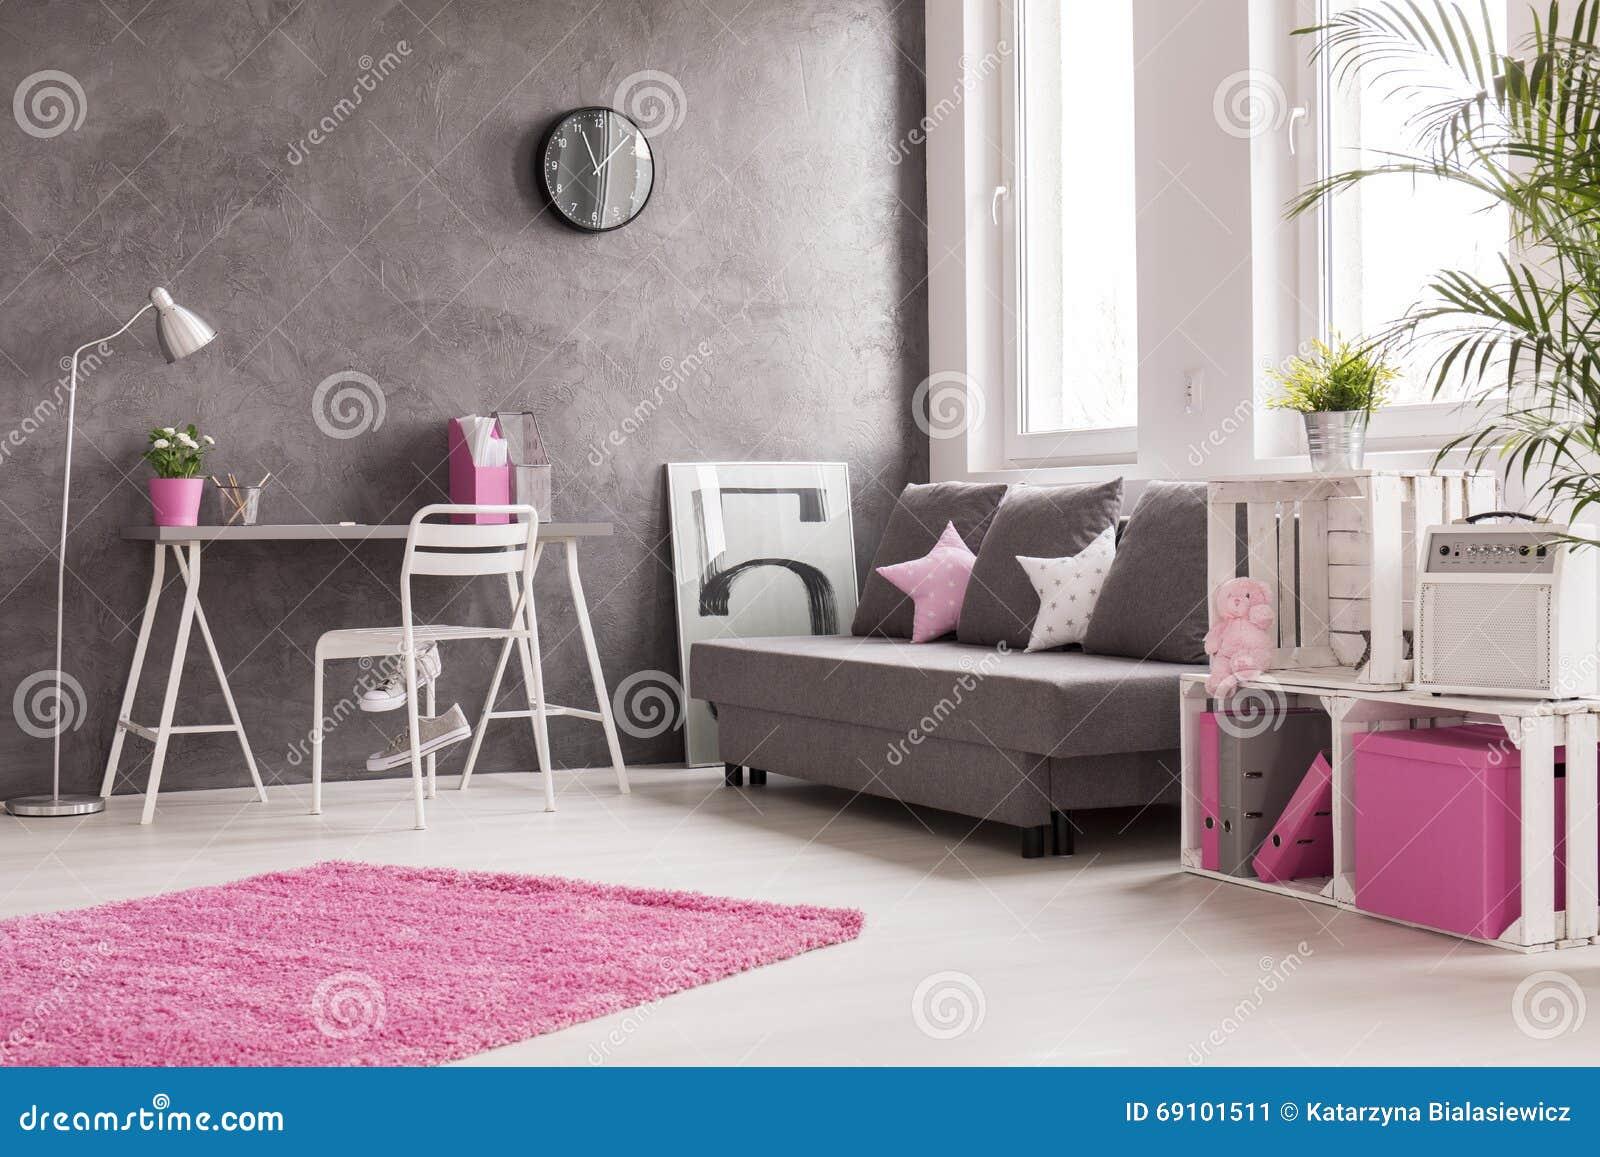 Grijze woonkamer met roze en witte details stock for Grijze woonkamer